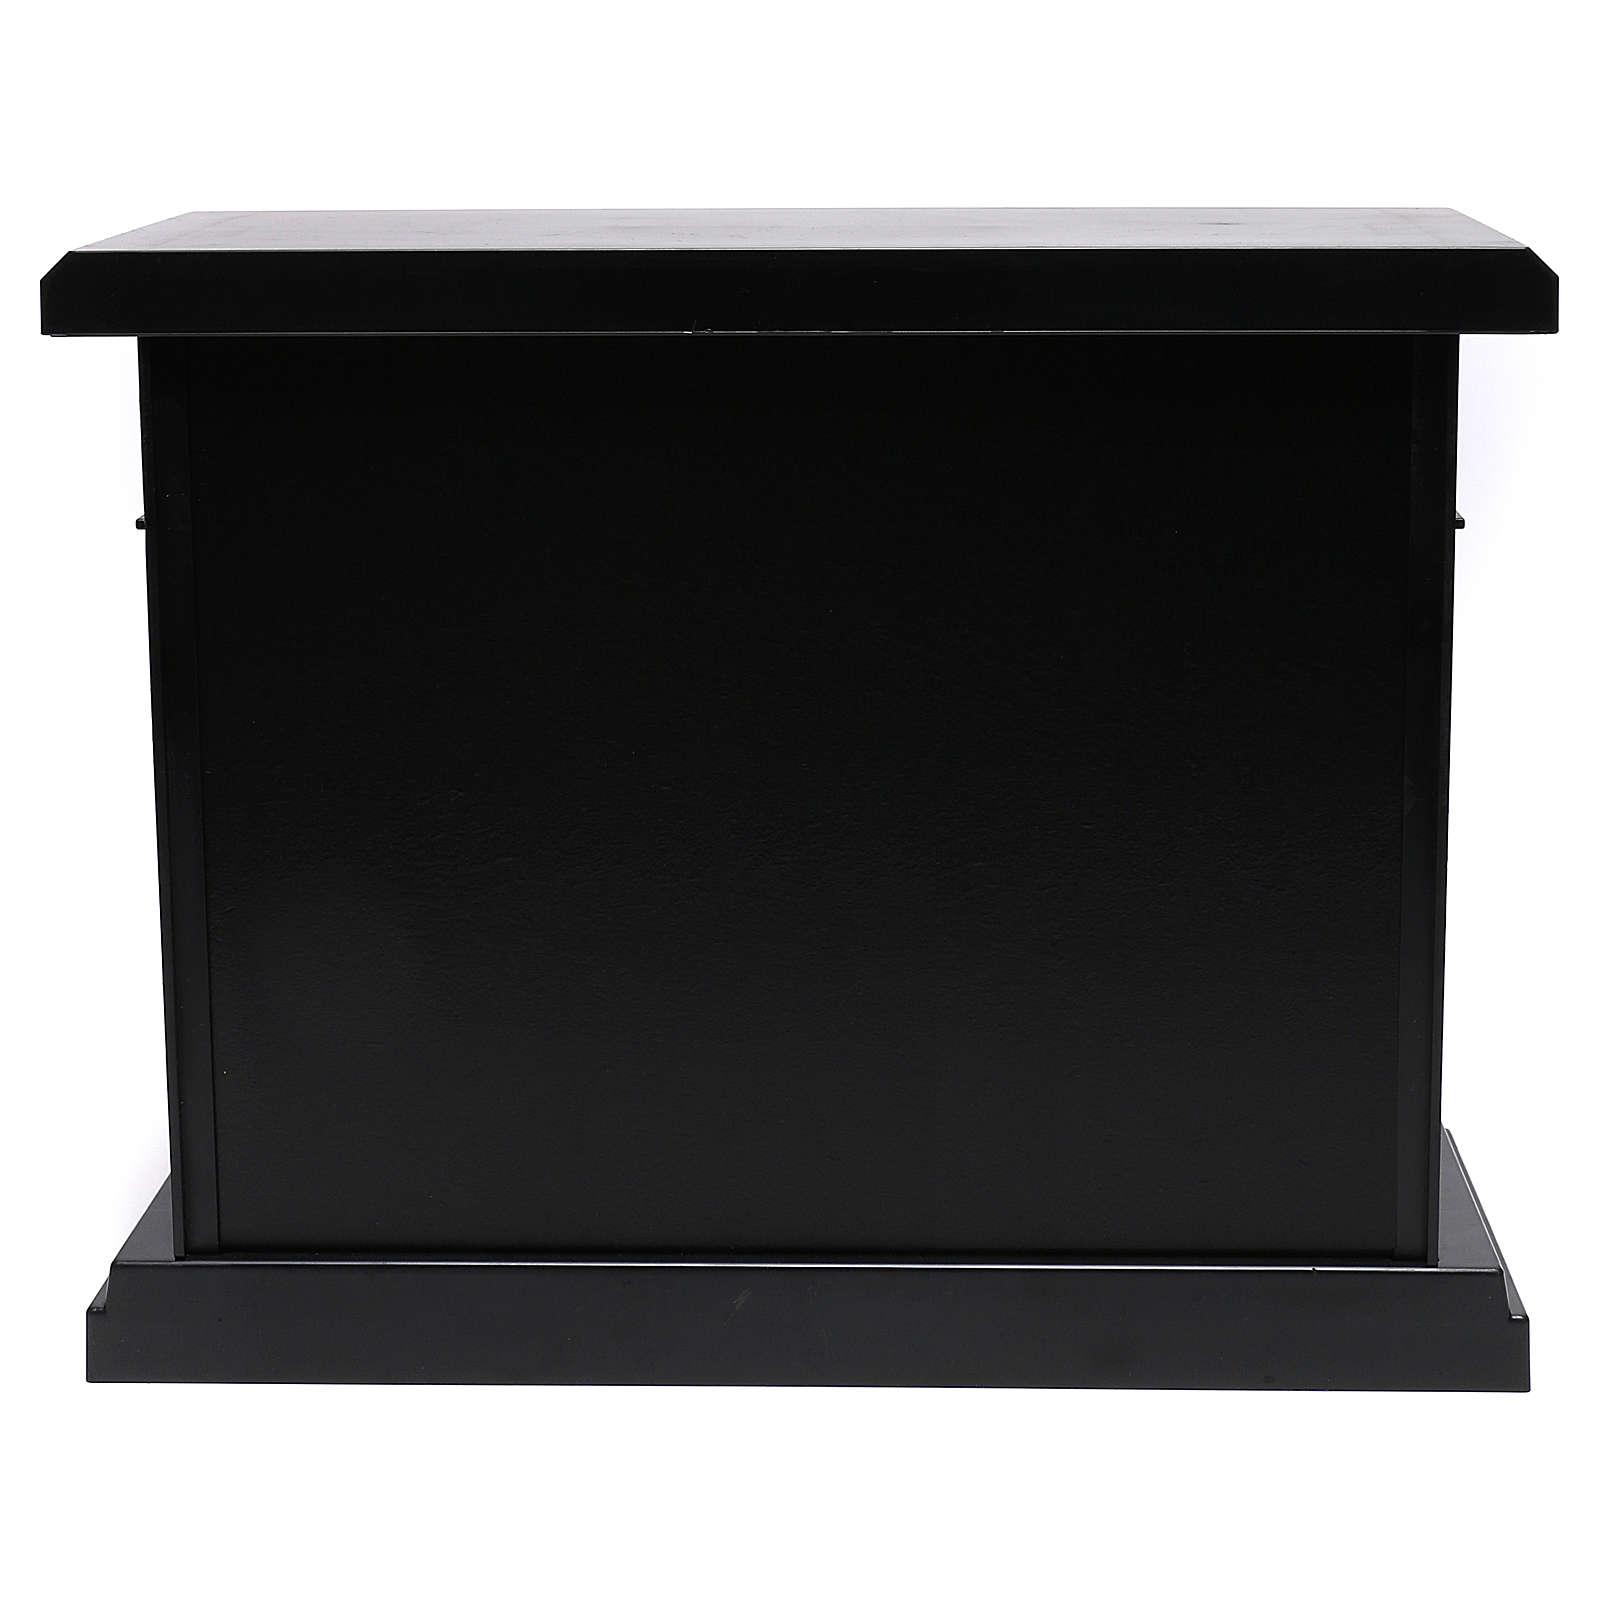 Cheminée noire LED 35x40x15 cm effet flamme 3